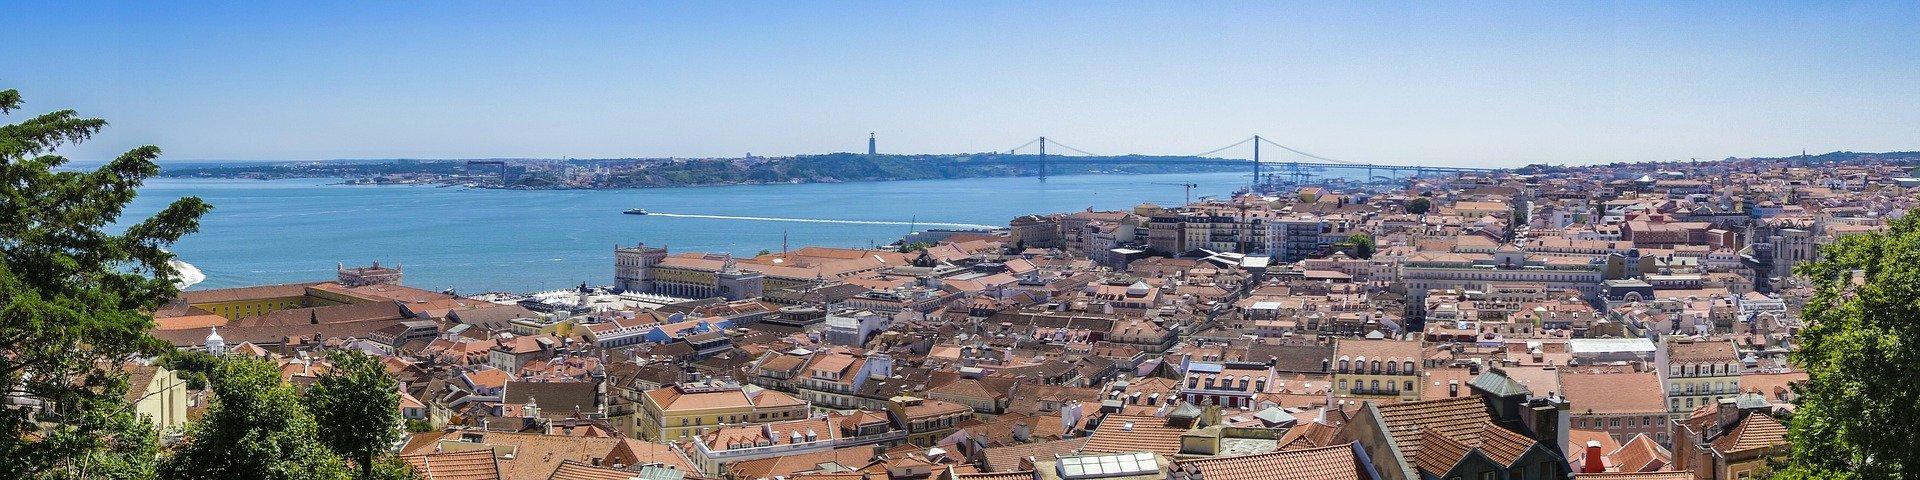 Pourquoi visiter Lisbonne